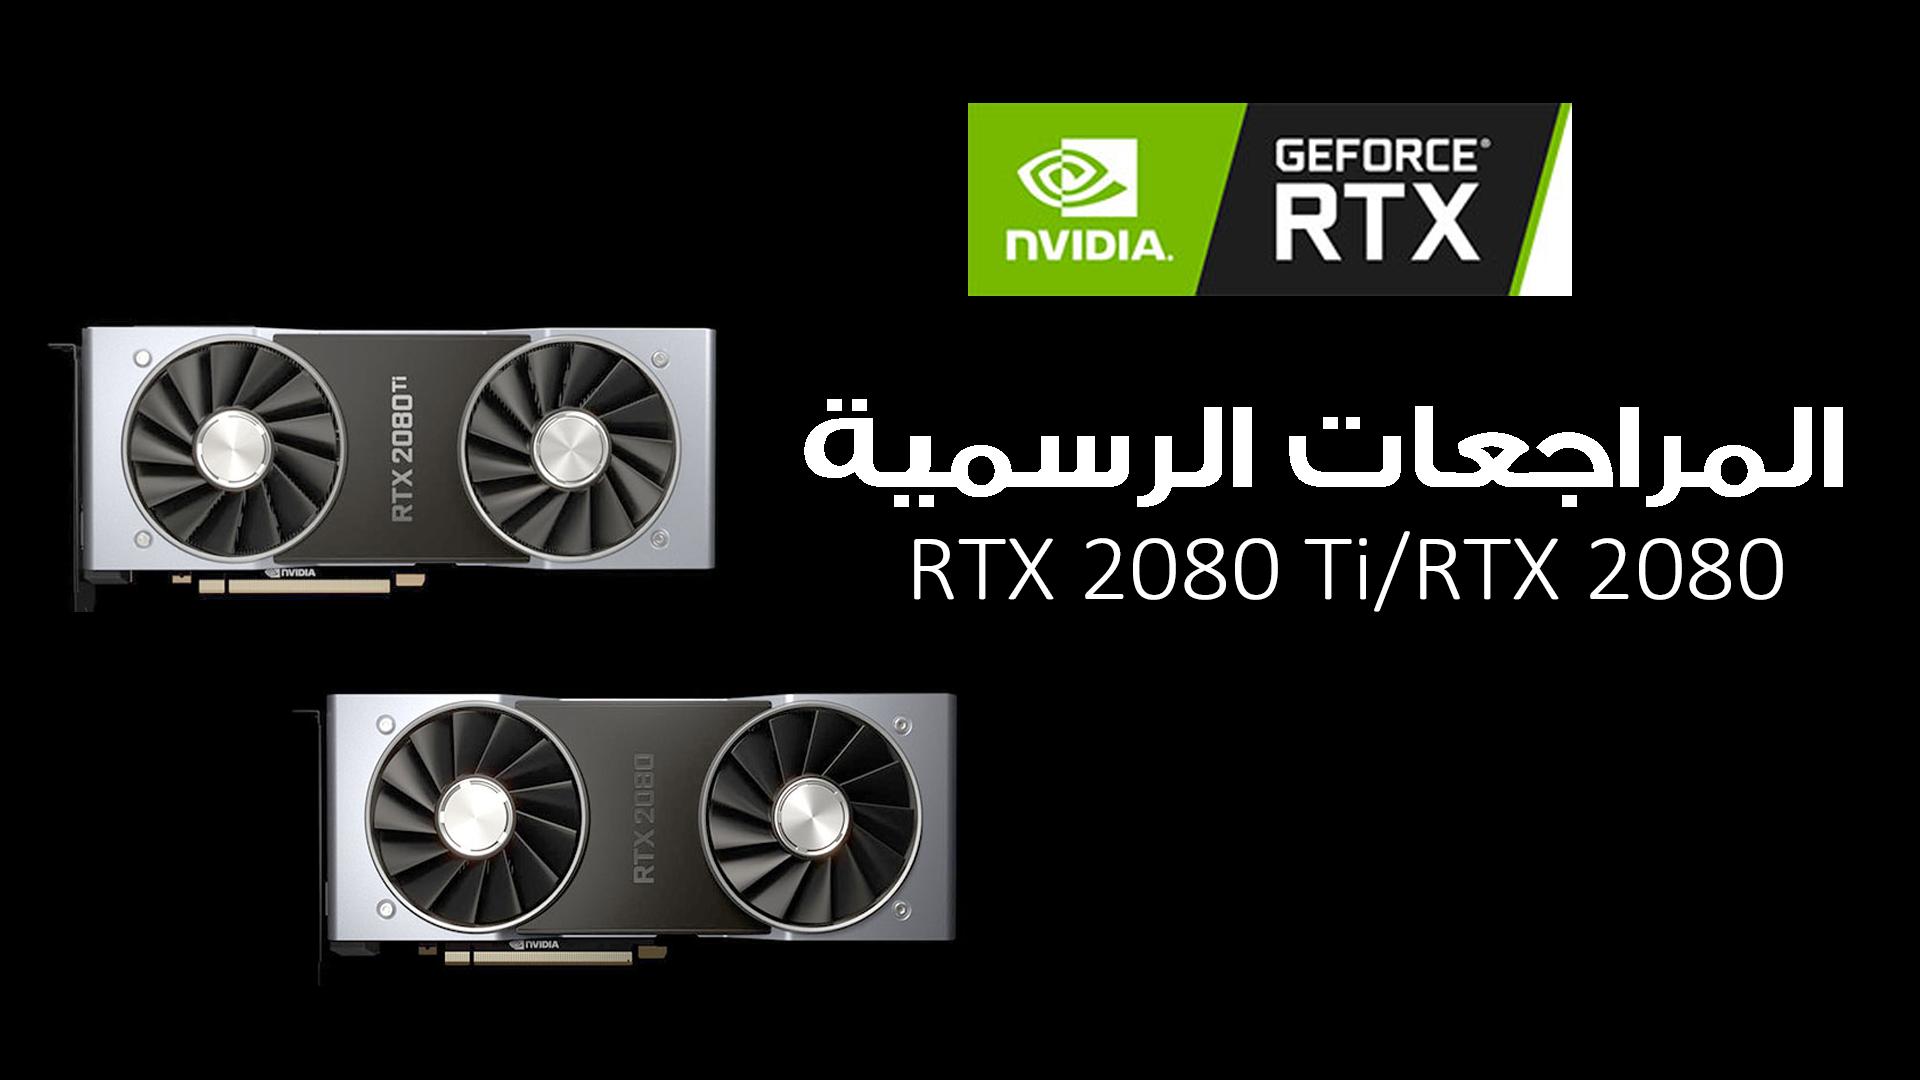 رسمياً صدور المراجعات الرسمية لبطاقات انفيديا RTX 2080 Ti/RTX 2080